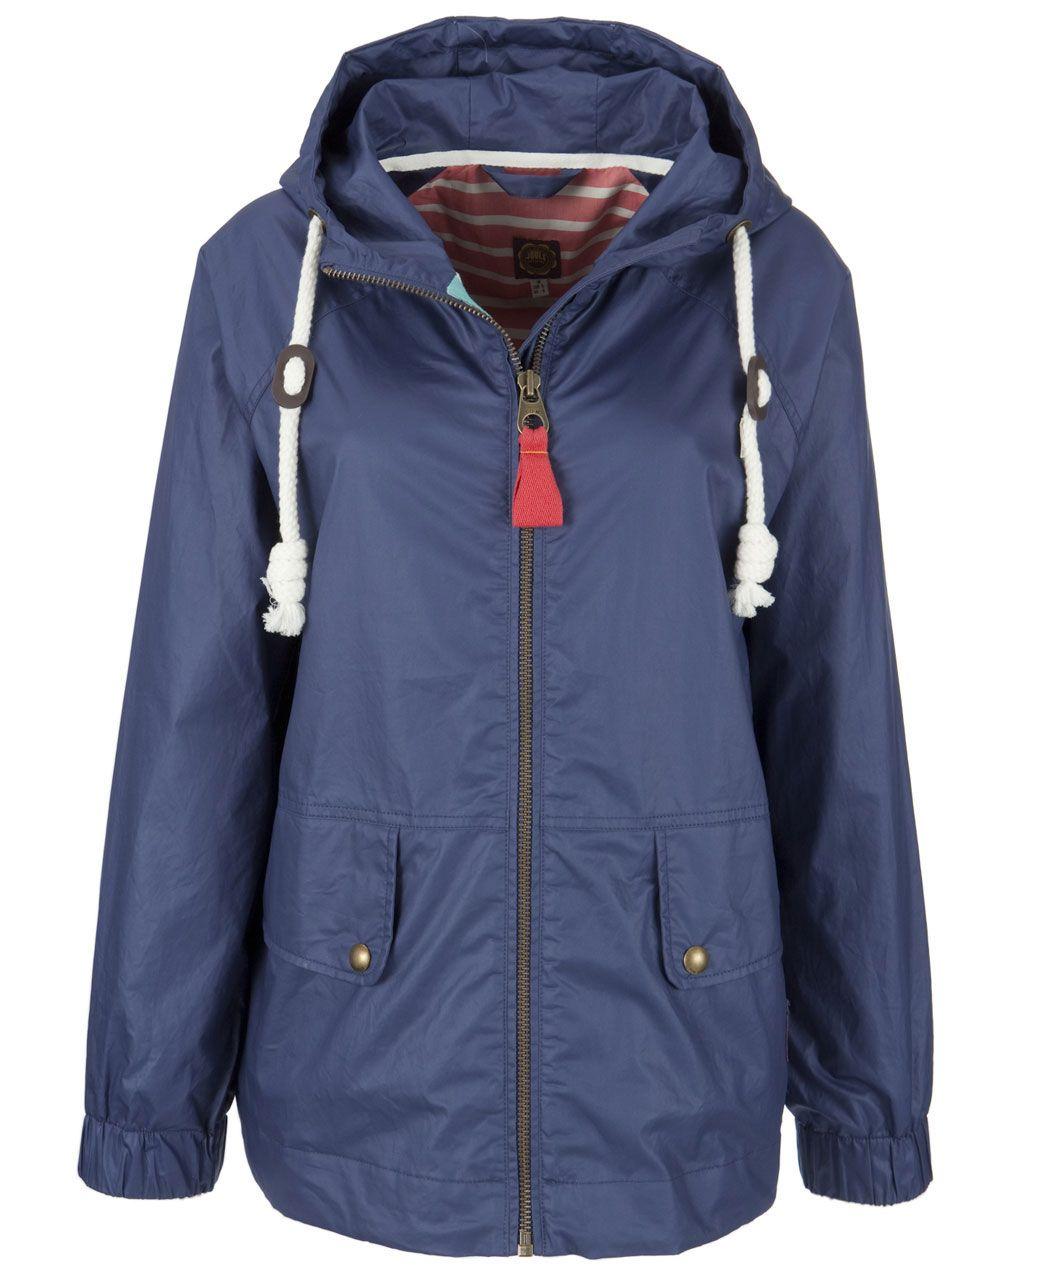 Best 25 Rain Coats Ideas On Pinterest Rain Jacket Rain